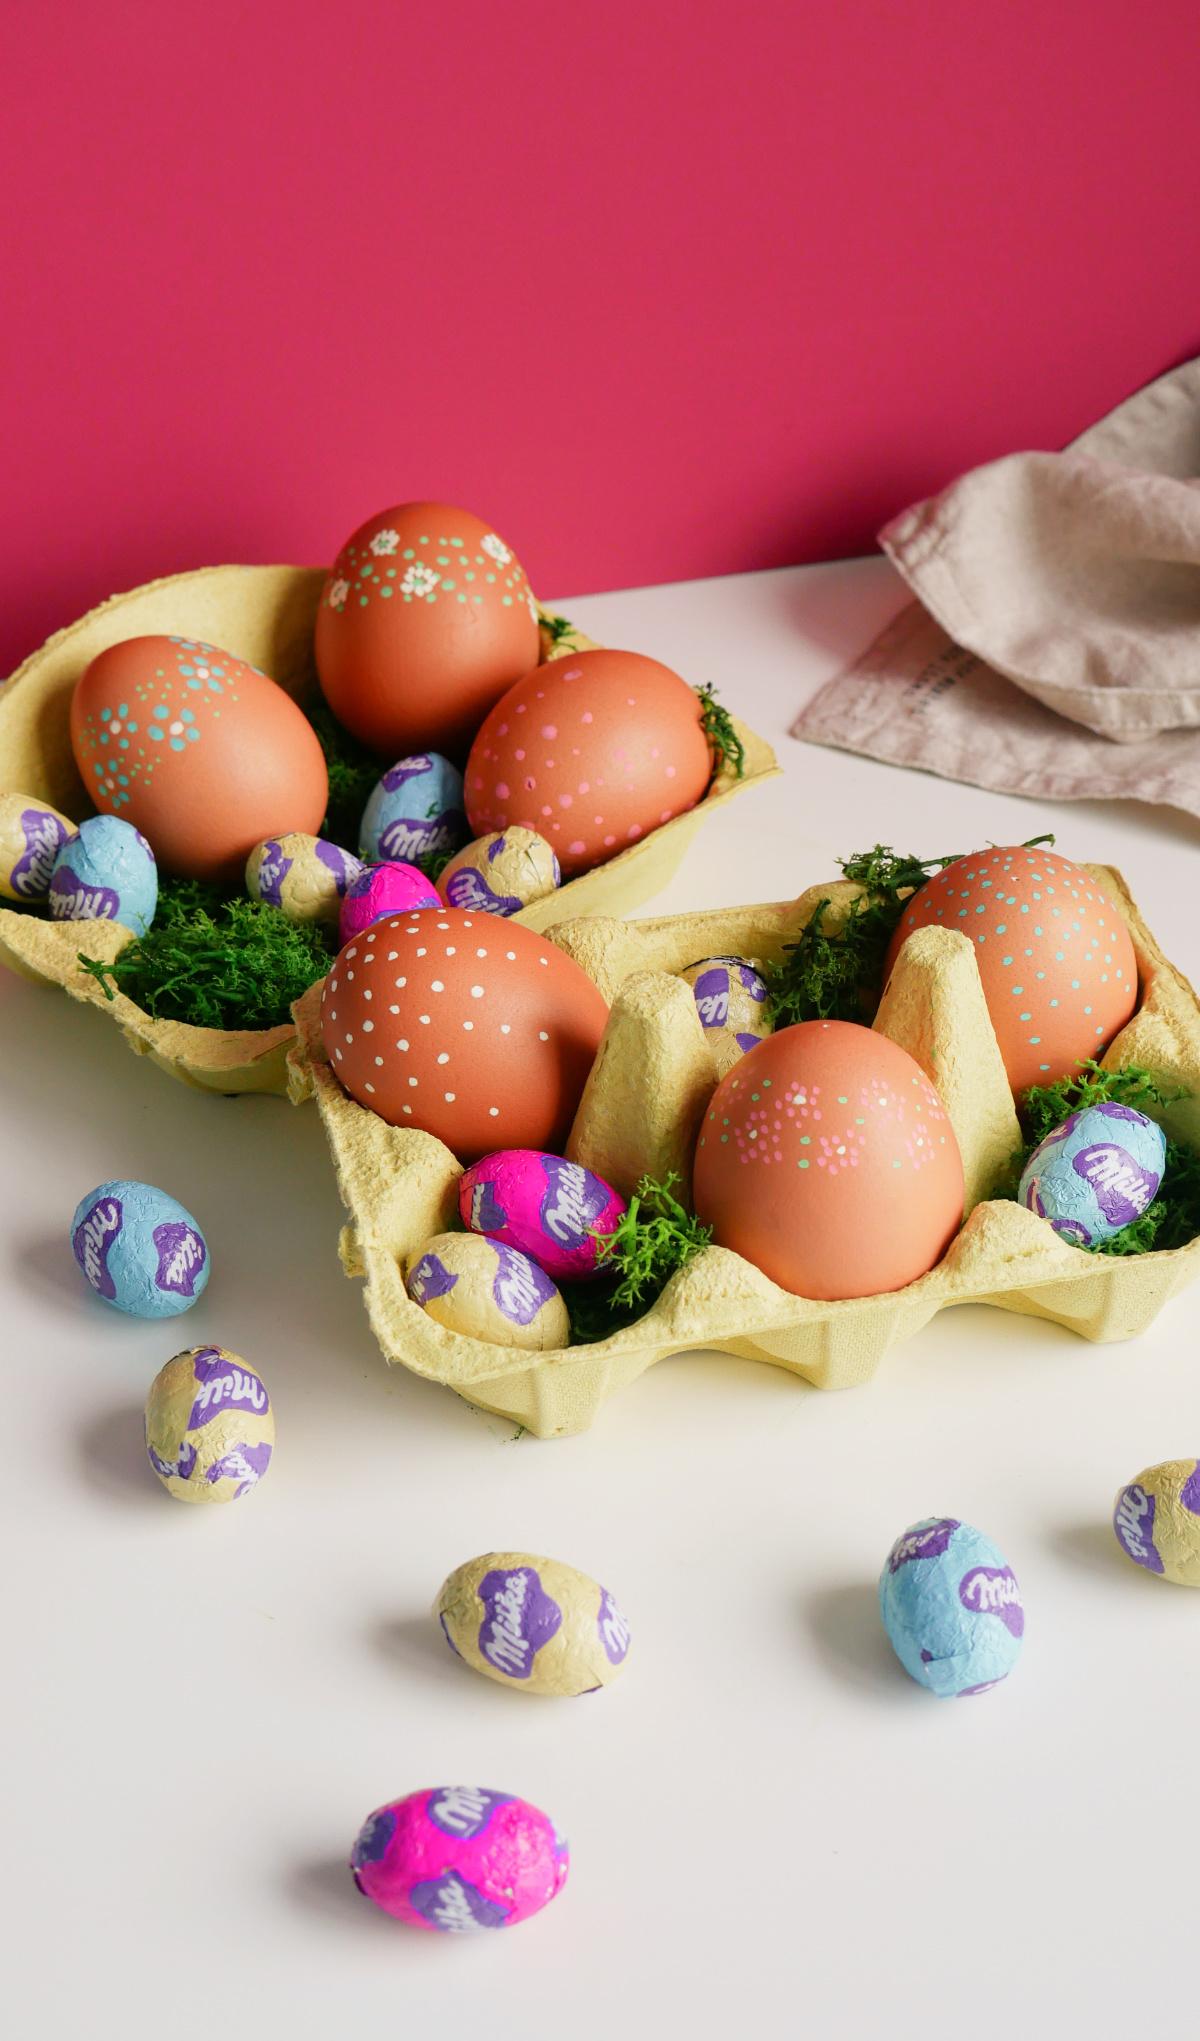 Des œufs décorés aux feutres Posca pour Pâques